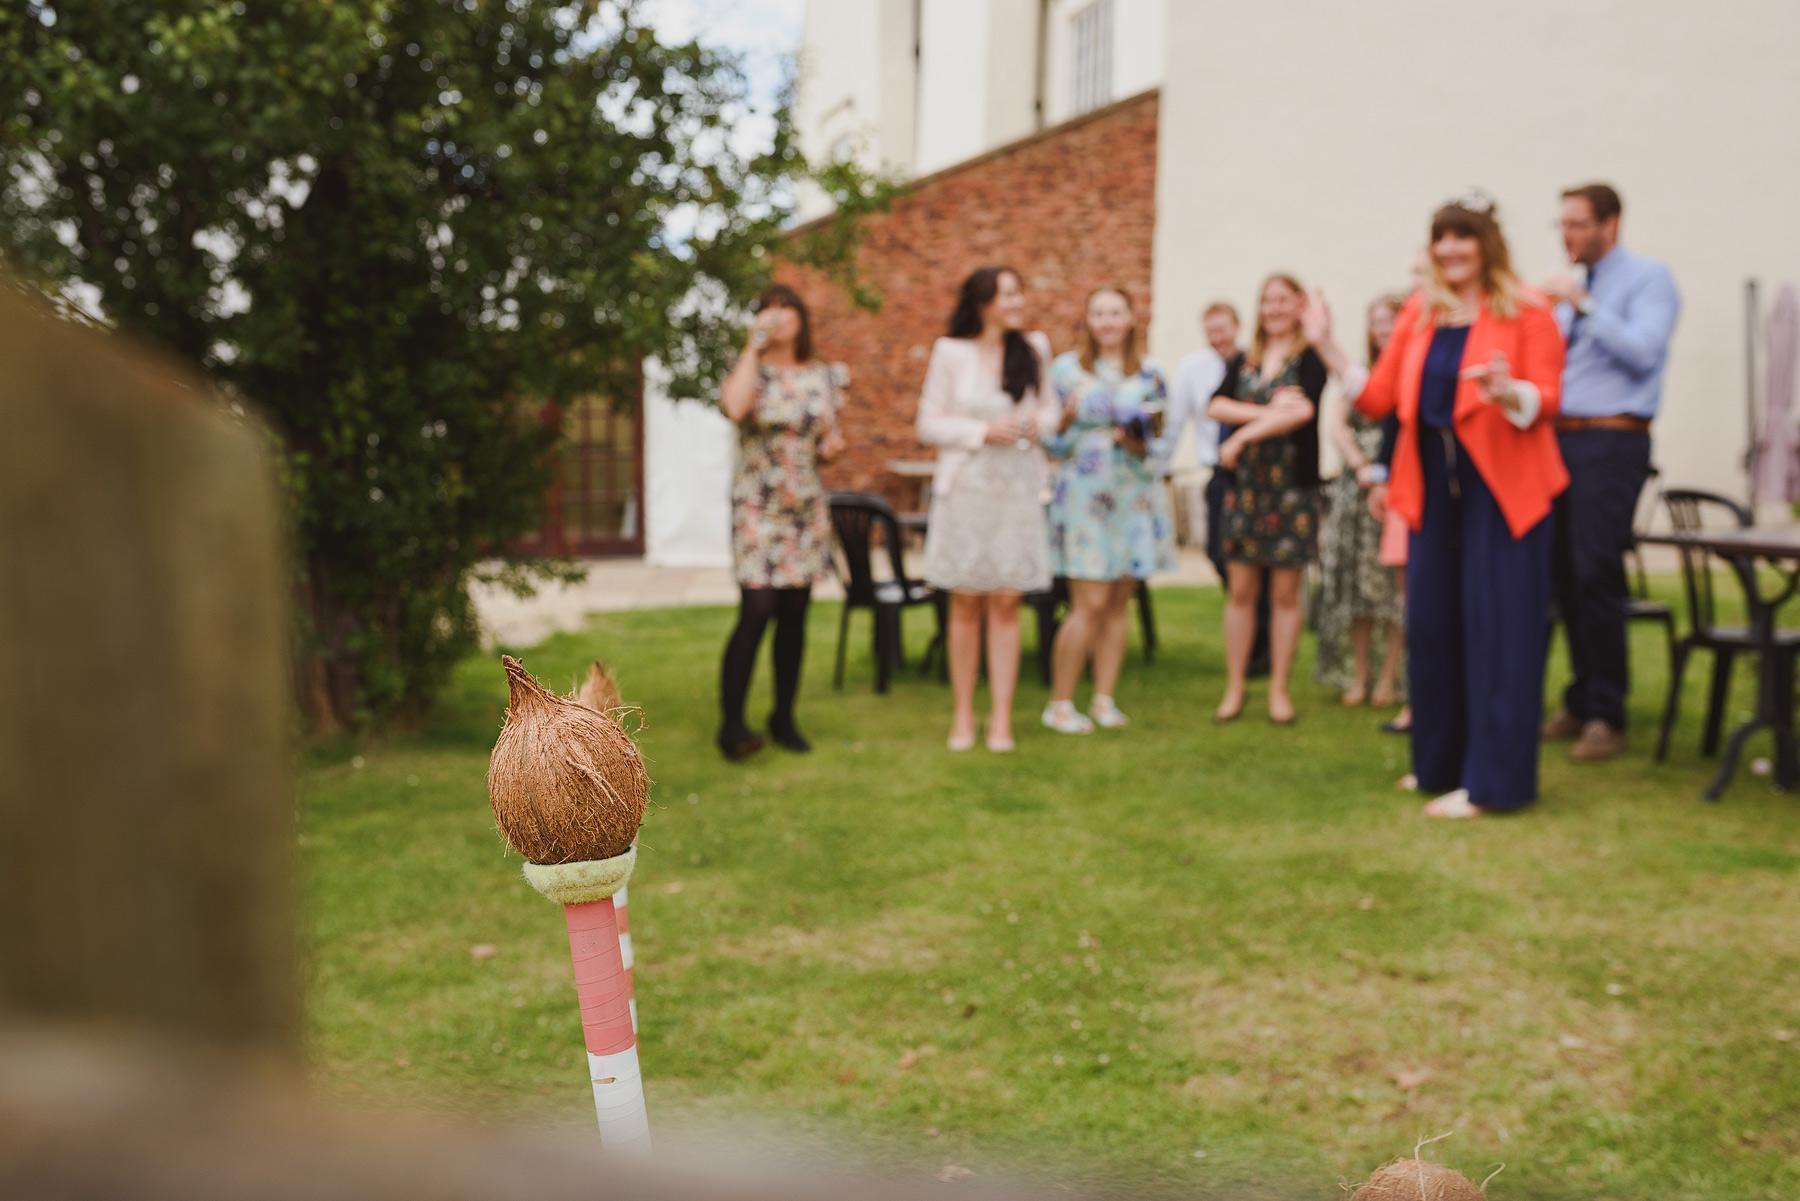 coconut shy at weddings